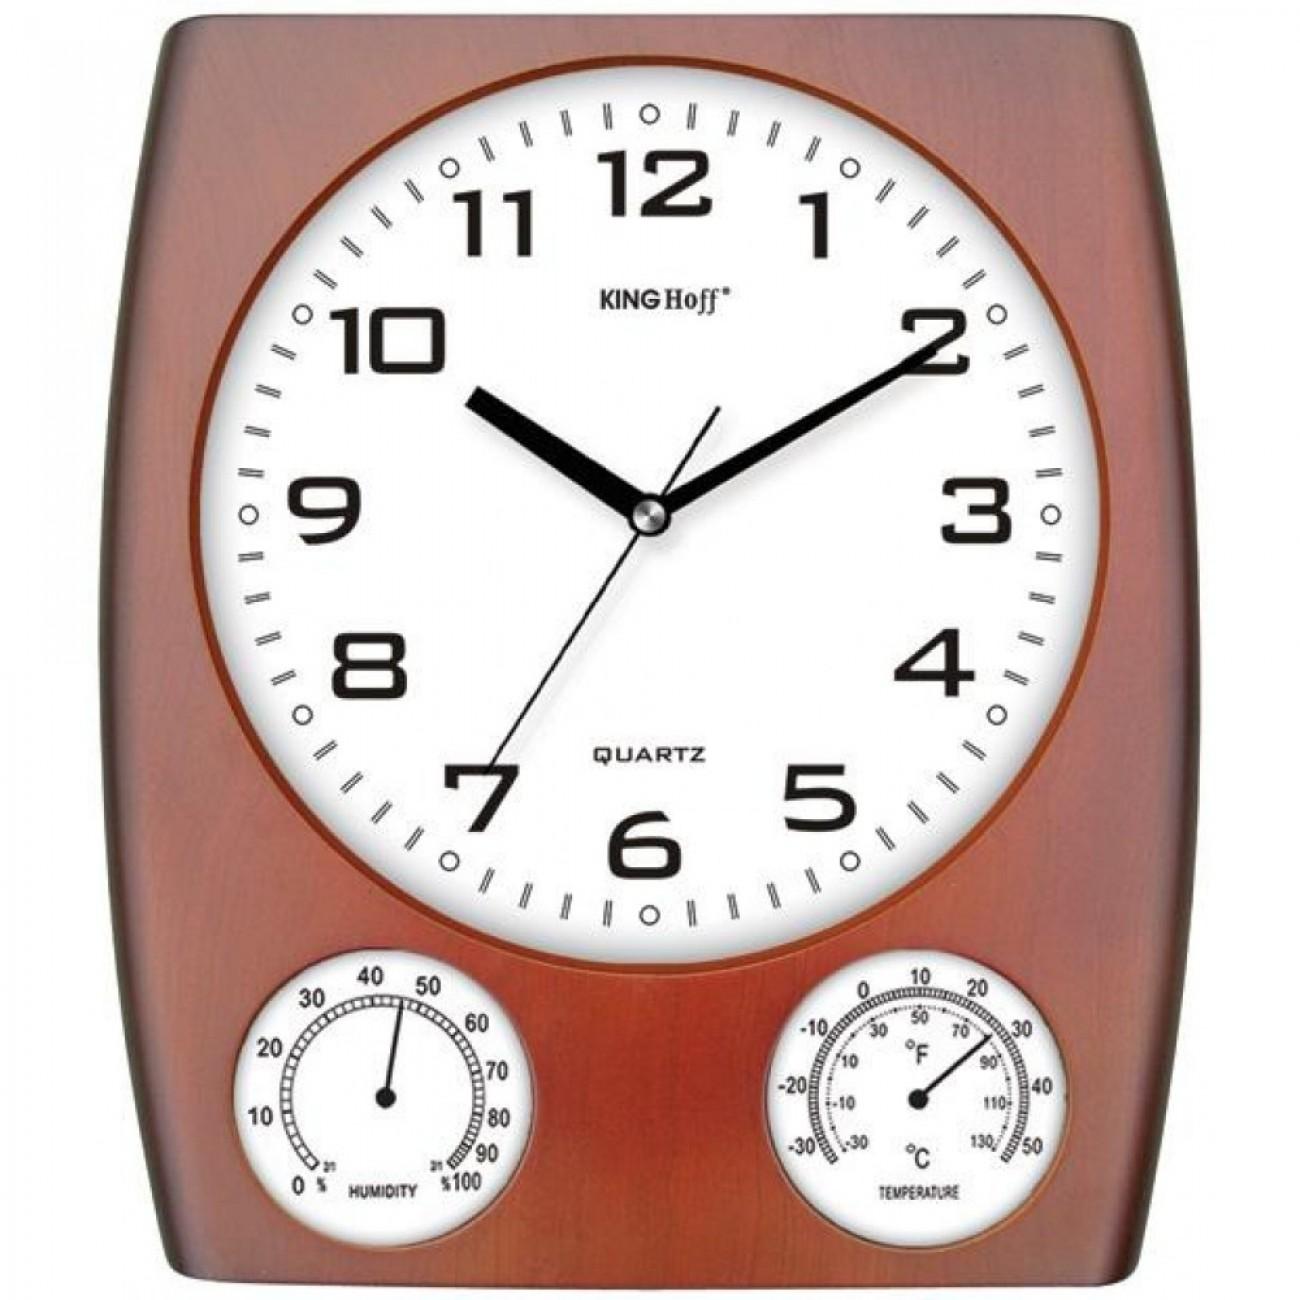 Стенен часовник с термометър и влагомер KingHoff KH 5029, 30 см, Кафяв в Стенни часовници - Kinghoff | Alleop